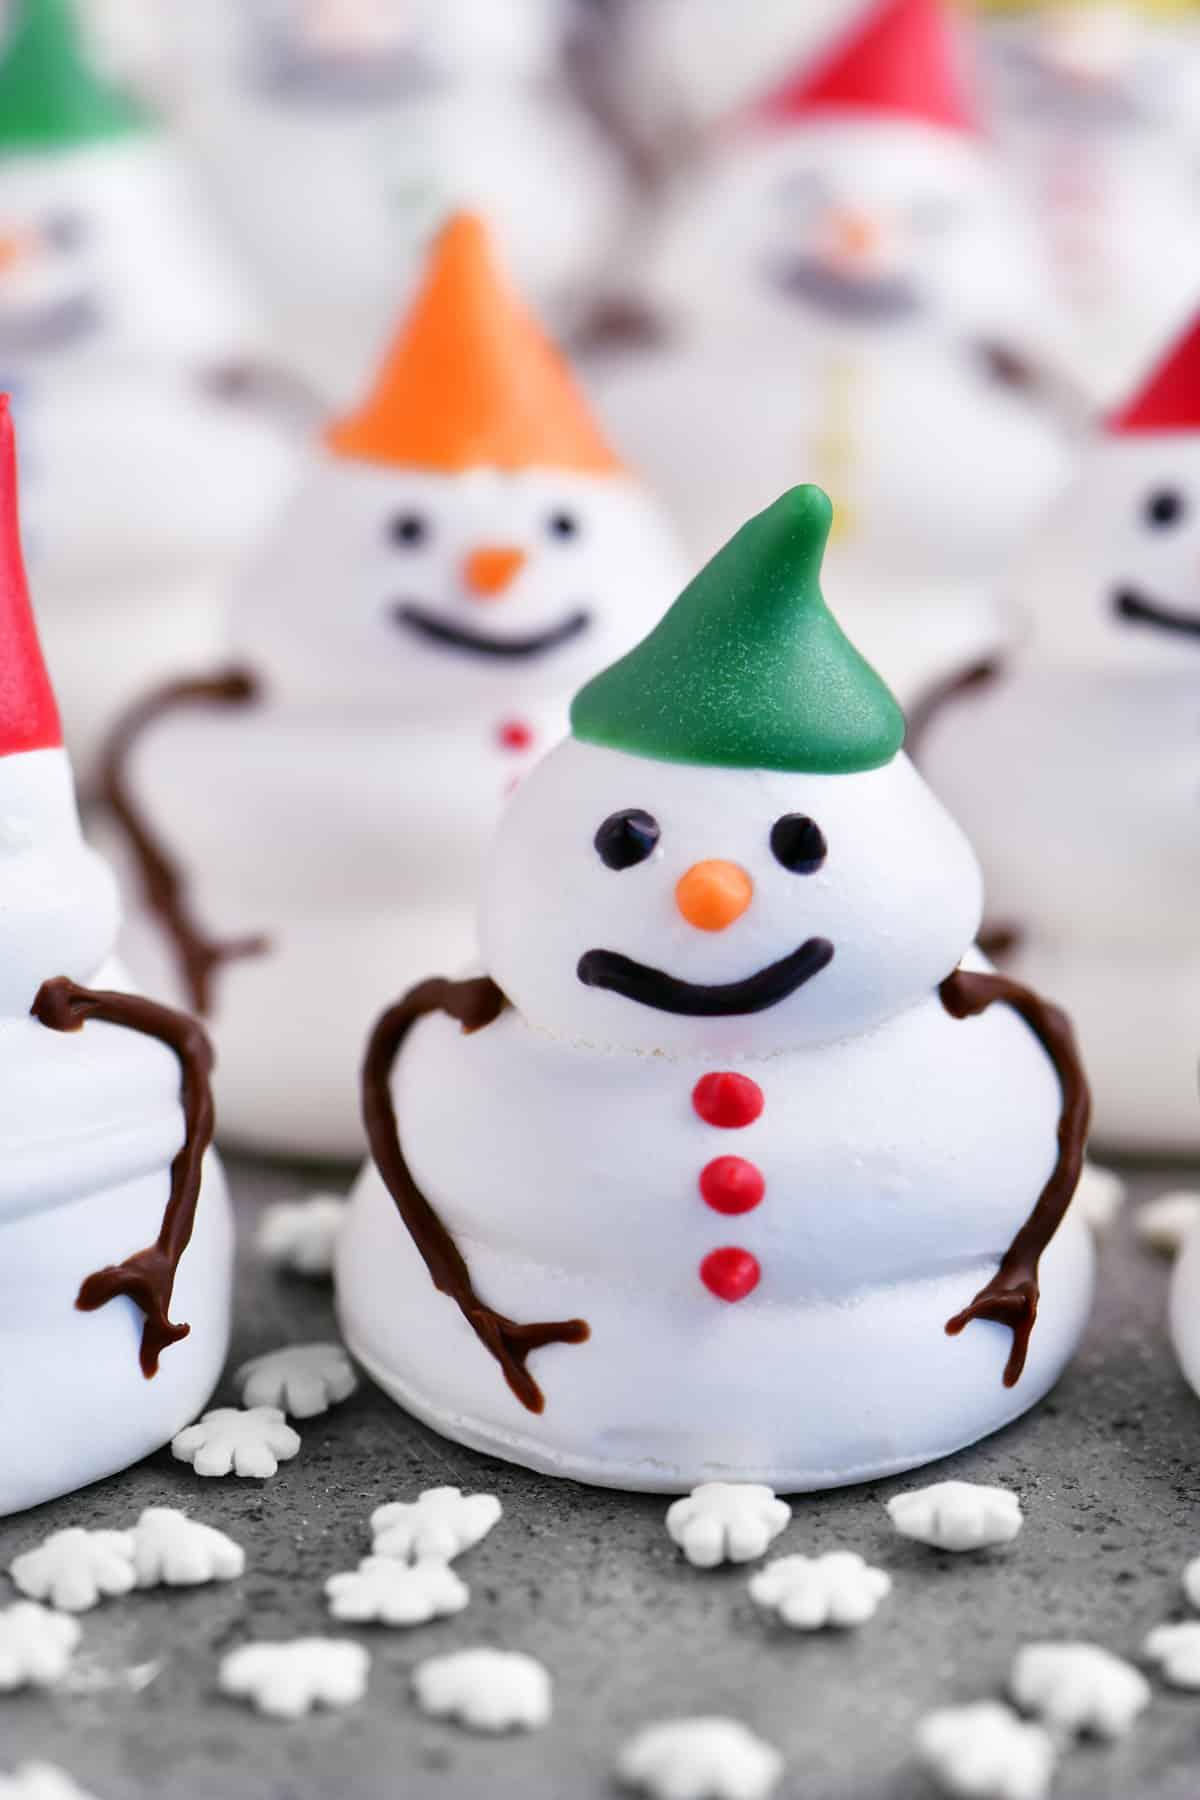 a close-up of a meringue snowman